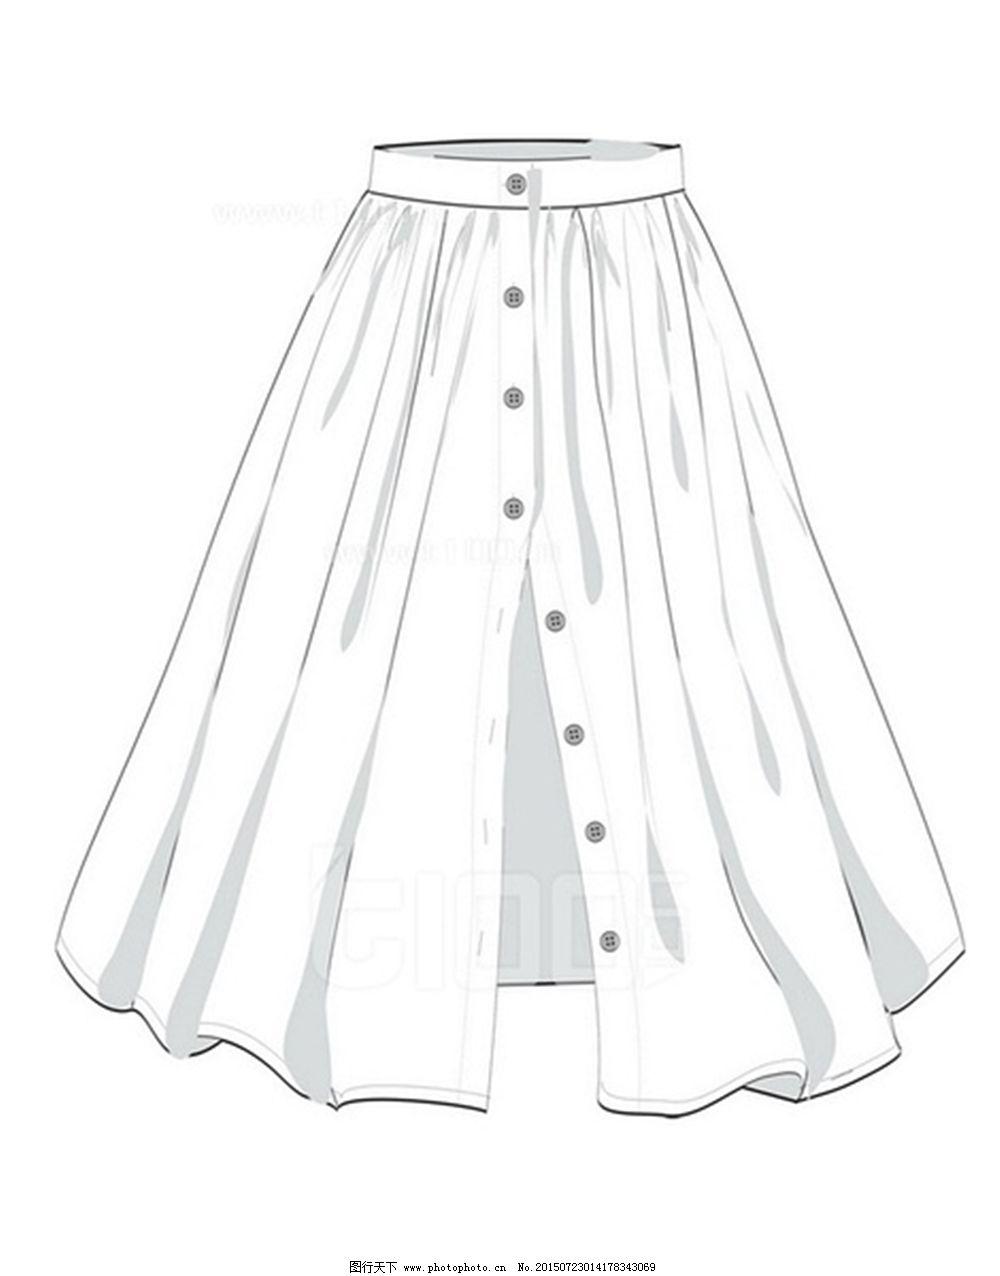 手绘服装设计图短裙_手绘服装设计图短裙分享展示